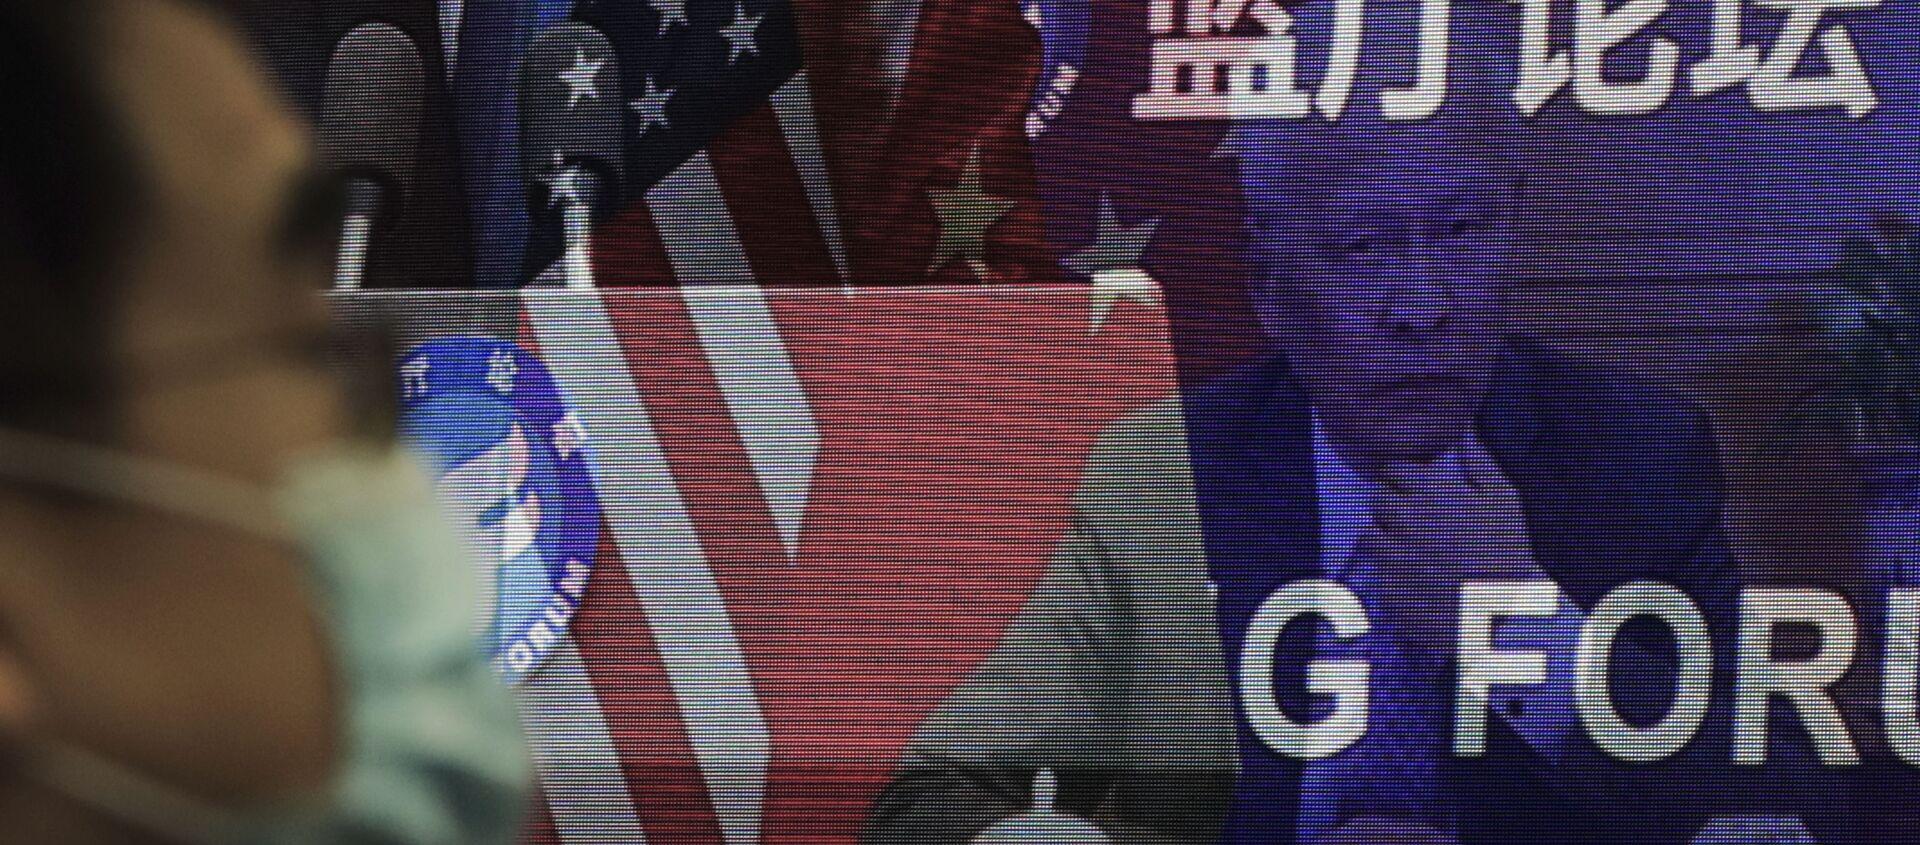 Мужчина в маске, помогающей сдержать распространение коронавируса, сидит возле экрана, демонстрирующего, как делегаты присутствуют на форуме Лантинга, посвященном приезду Китая и США. отношения вернулись в правильное русло, которое под председательством министра иностранных дел Китая Ван И в офисе Министерства иностранных дел в Пекине в понедельник, 22 февраля 2021 года. В понедельник Ван призвал США снять ограничения на торговлю и контакты между людьми при прекращении того, что Пекин считает необоснованным вмешательством в районы Тайваня, Гонконга, Синьцзяна и Тибета - Sputnik Абхазия, 1920, 16.04.2021